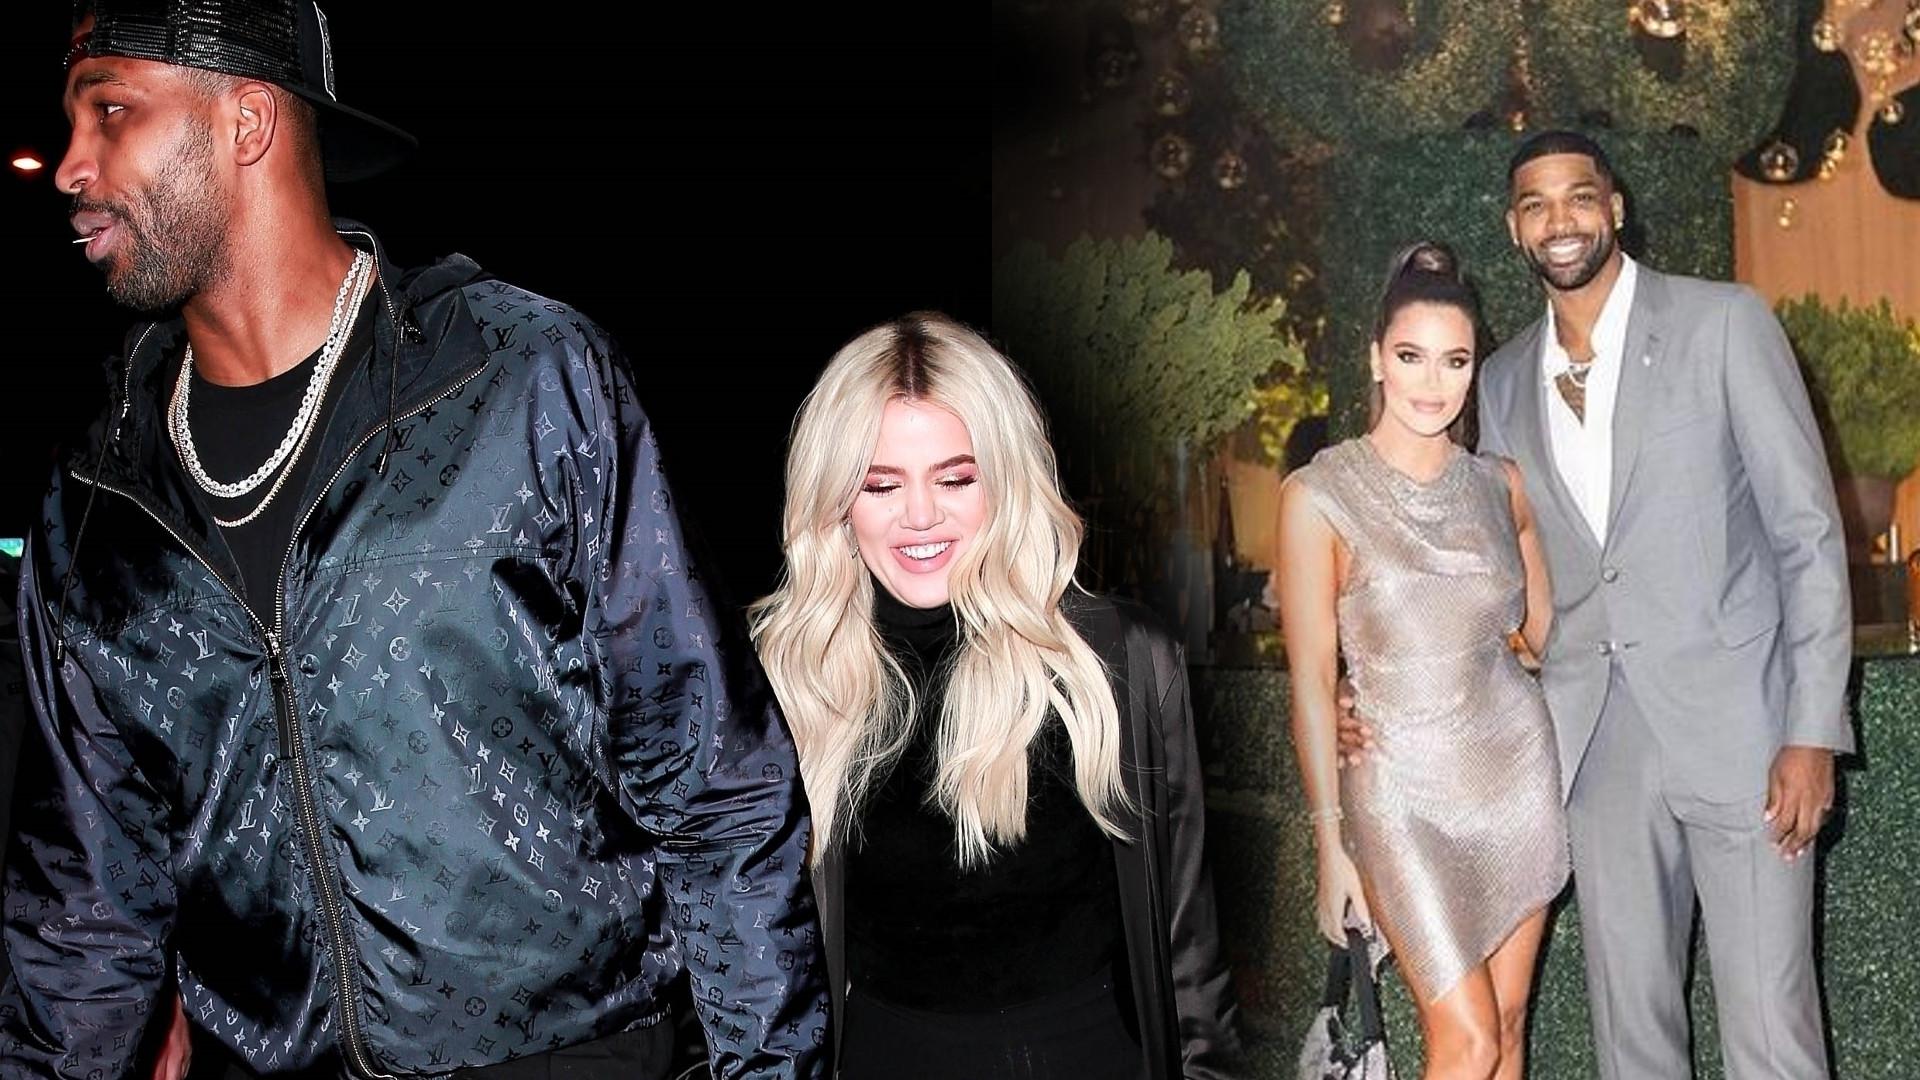 Khloe Kardashian świętuje urodziny Tristana. Dodała romantyczny wpis i potwierdziła, że są RAZEM!